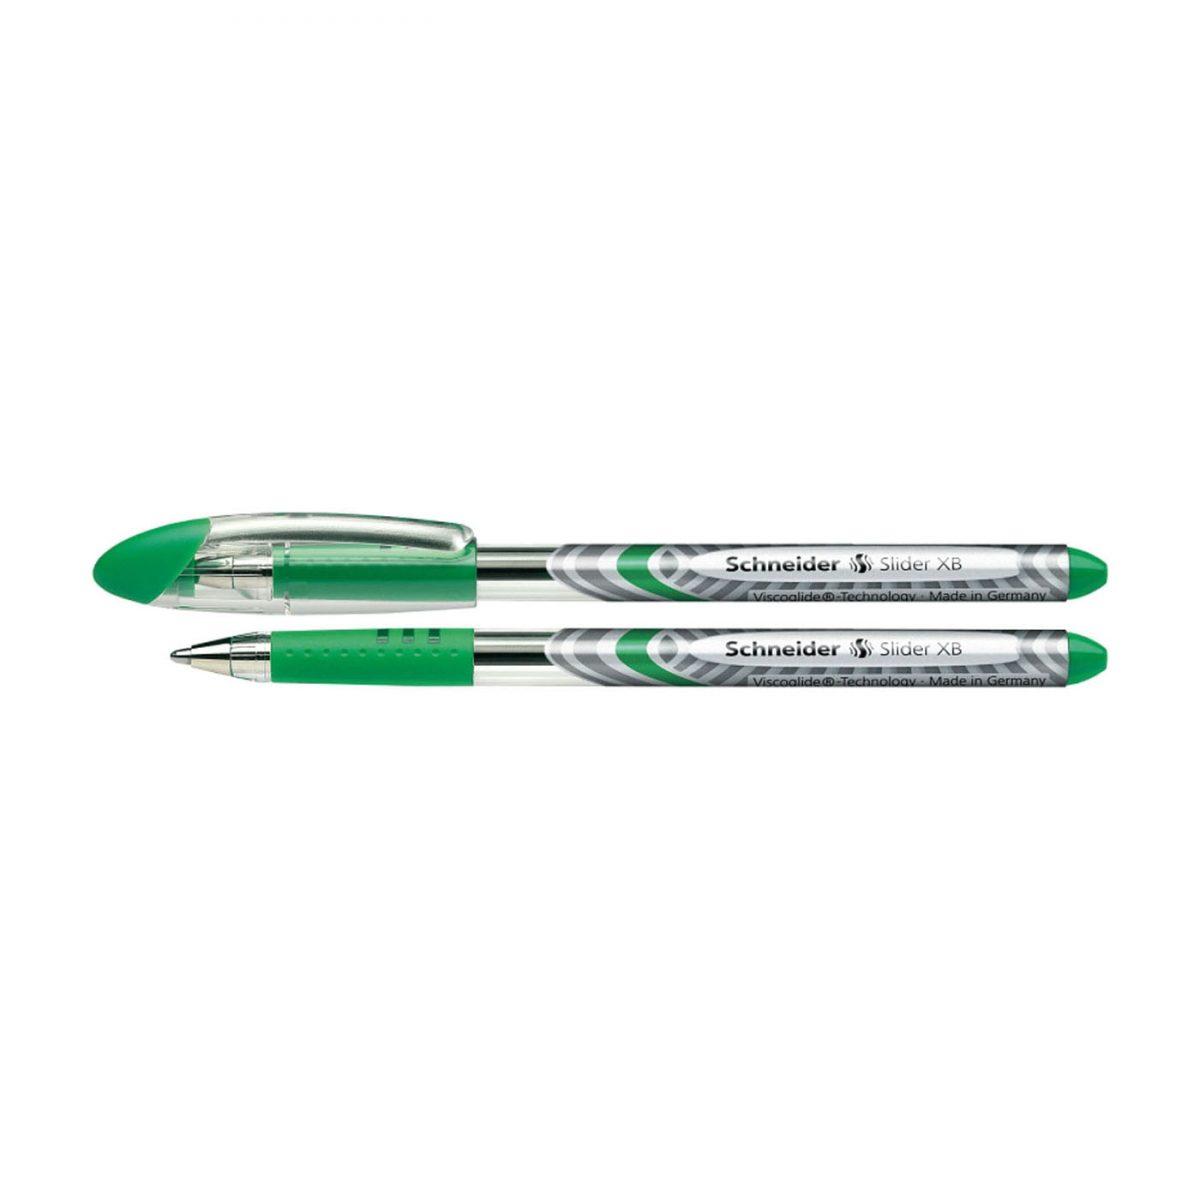 Pix SCHNEIDER Slider Basic XB, rubber grip, varf 1.4mm - scriere verde